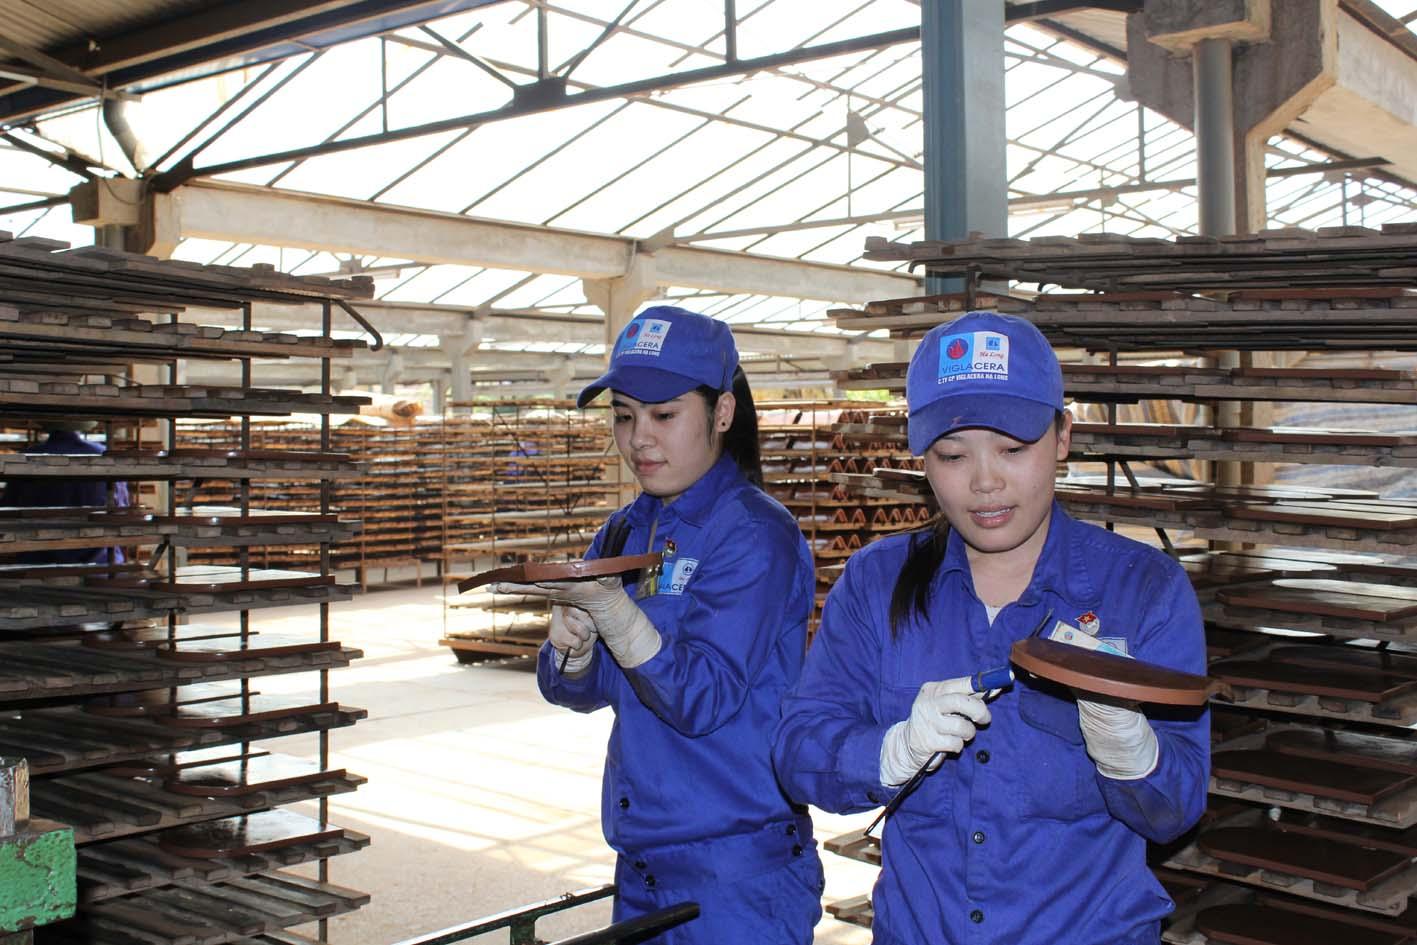 Các doanh nghiệp hiện nay cần cập nhật và quản lý tình hình sử dụng lao động